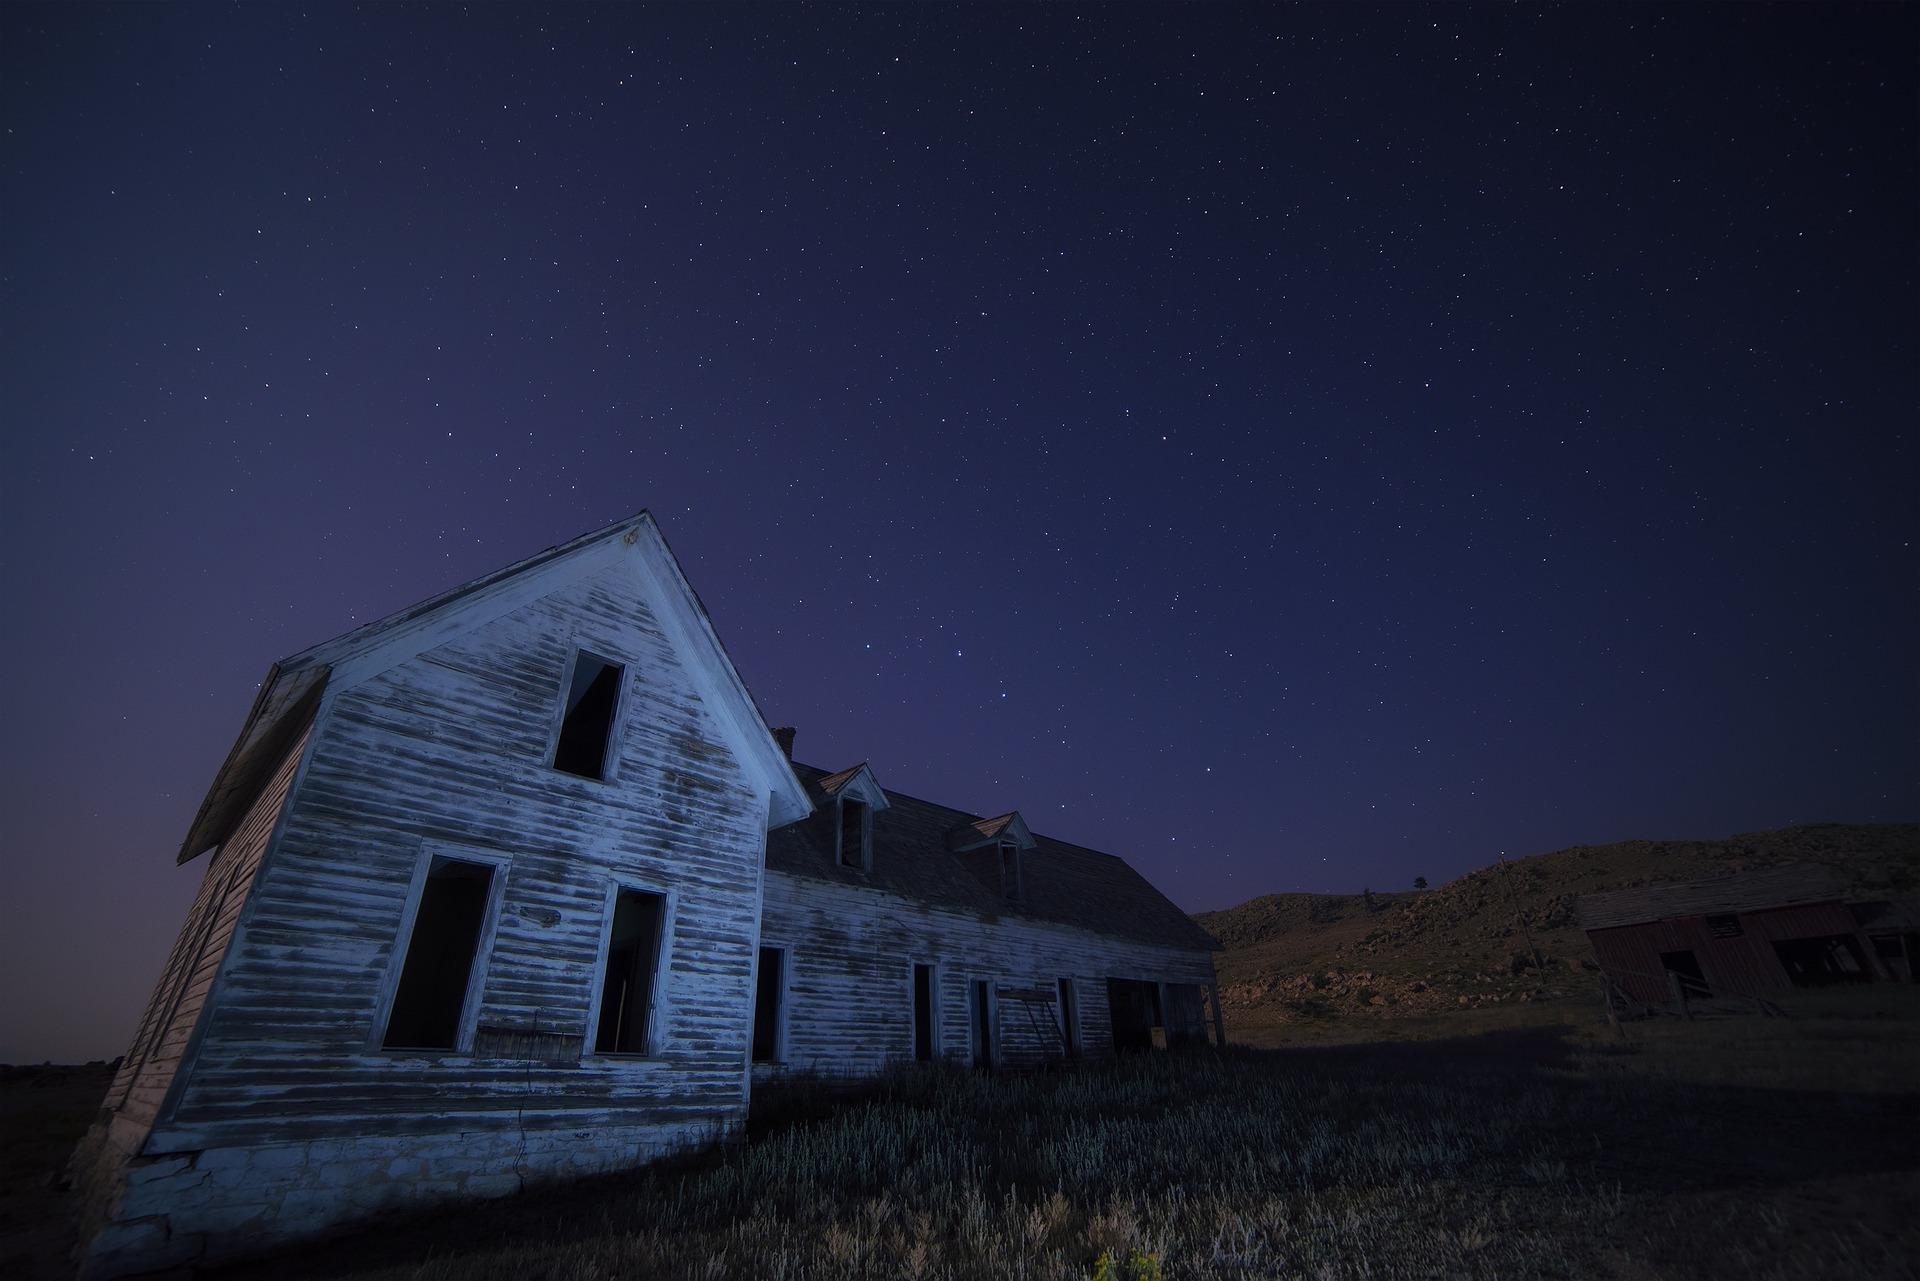 Americká rodina se nejspíš nastěhovala do domu plného démonů